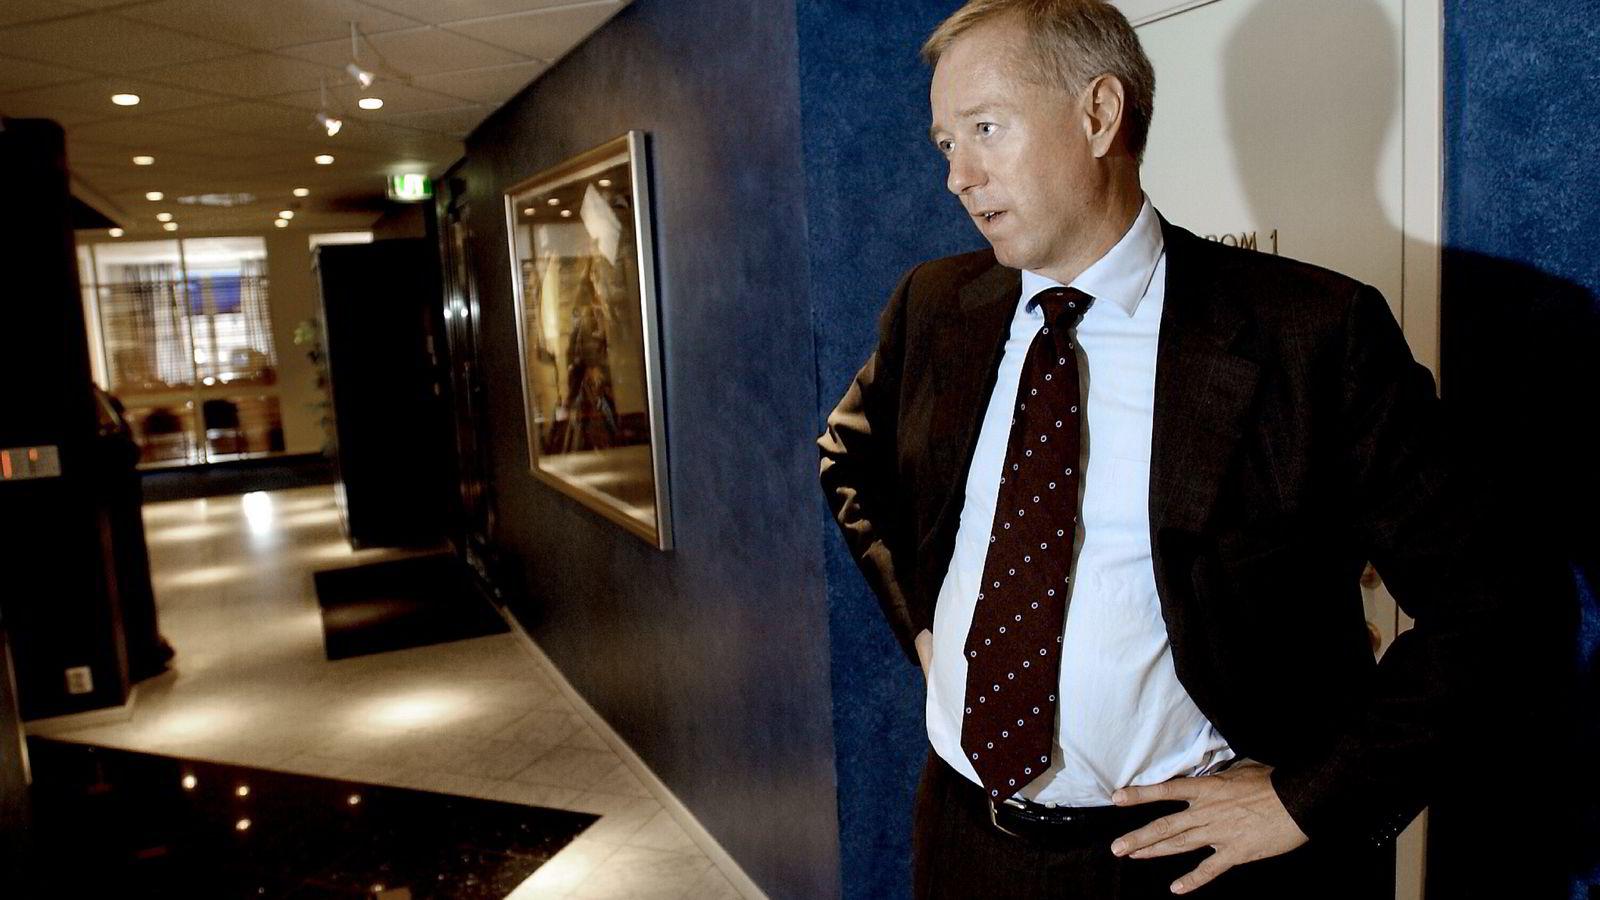 Tom Hugo Ottesen er bostyrer og bekrefter at Bandak Group er konkurs. Foto: Per Ståle Bugjerde